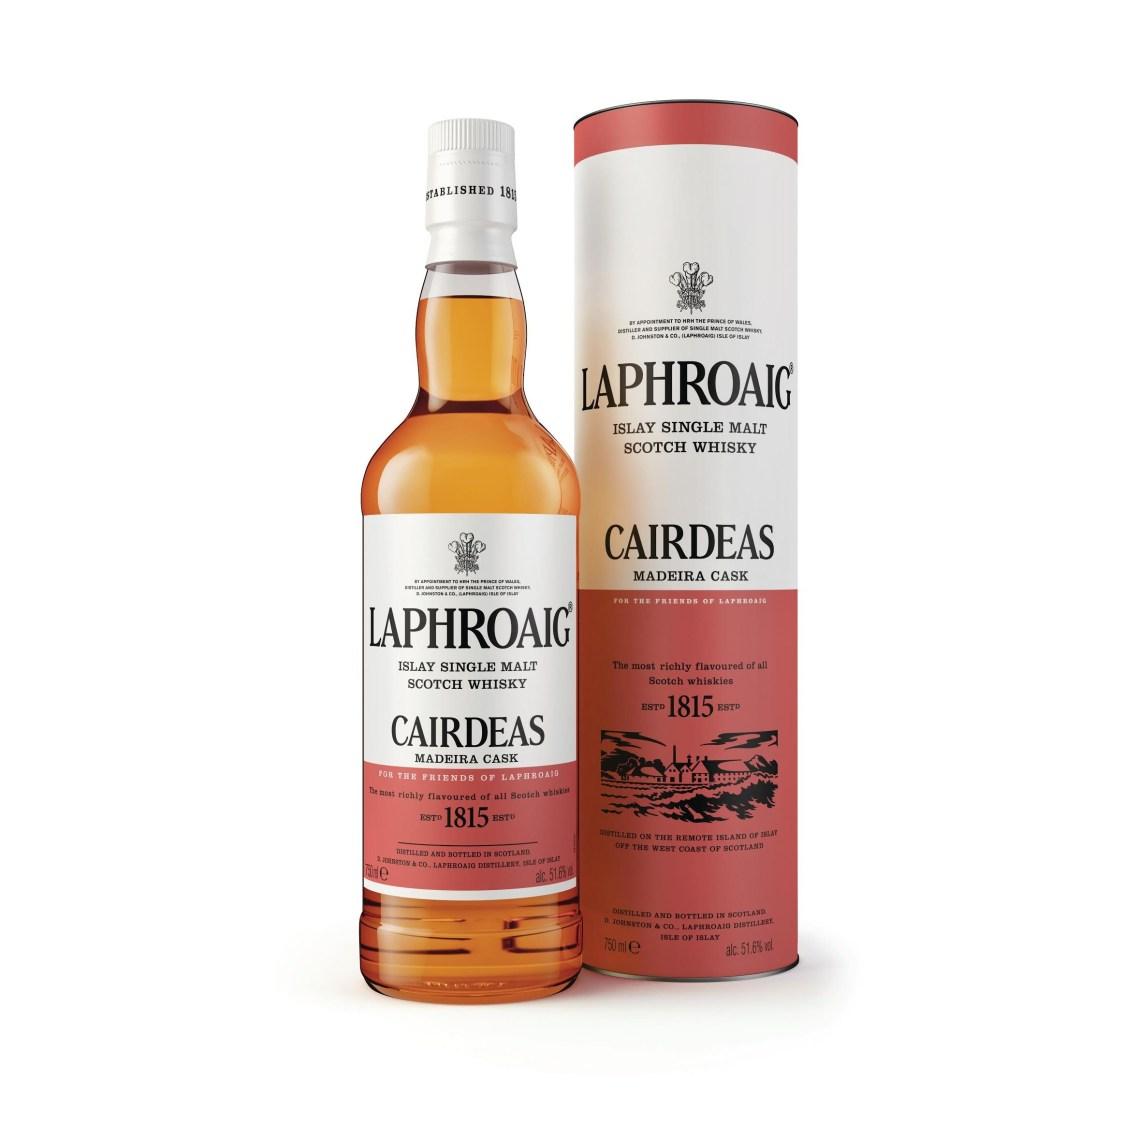 Laphroaig Cairdeas Madeira Edition 2016